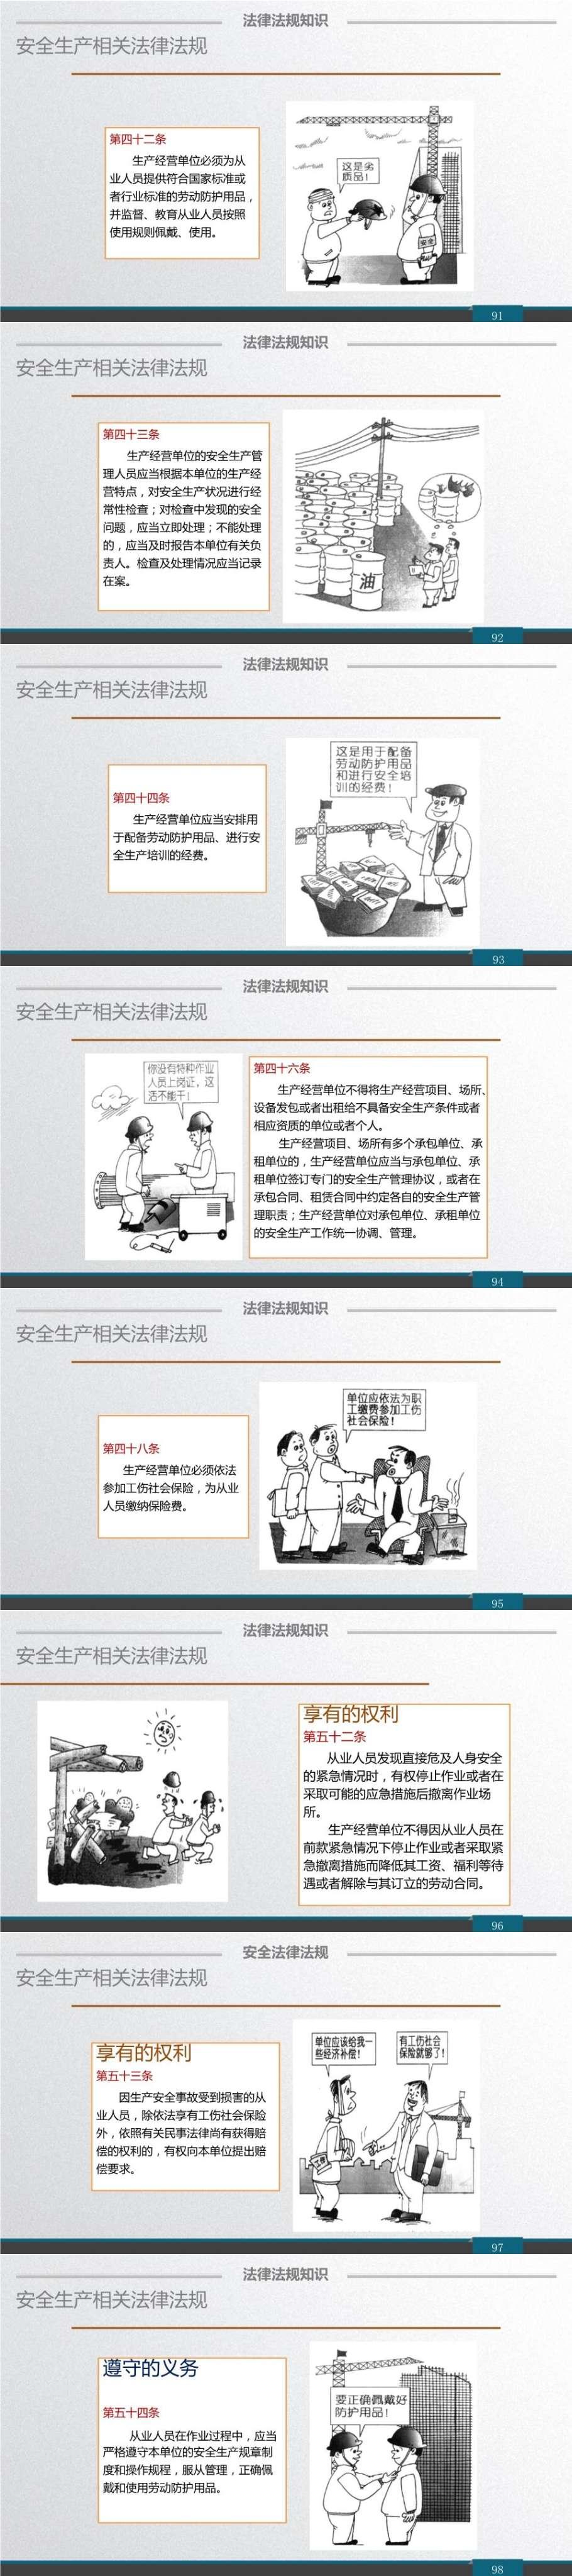 2018新安監人員及企業新員工安全入門培訓97-104_split.jpg